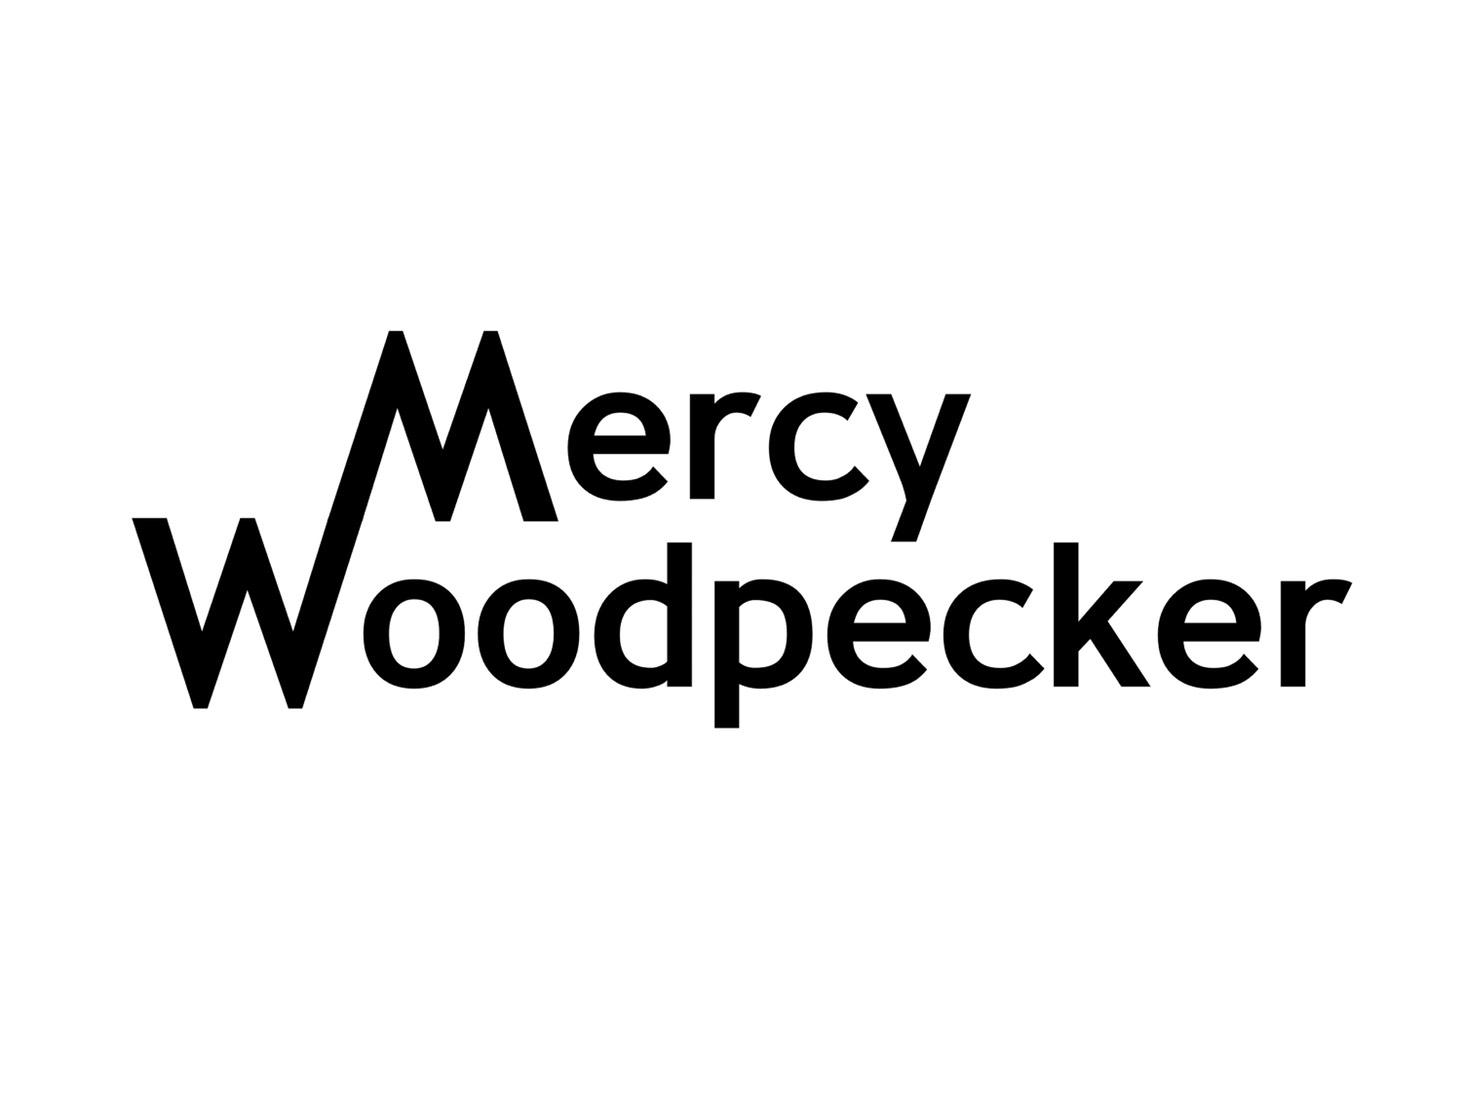 Mercy Woodpecker